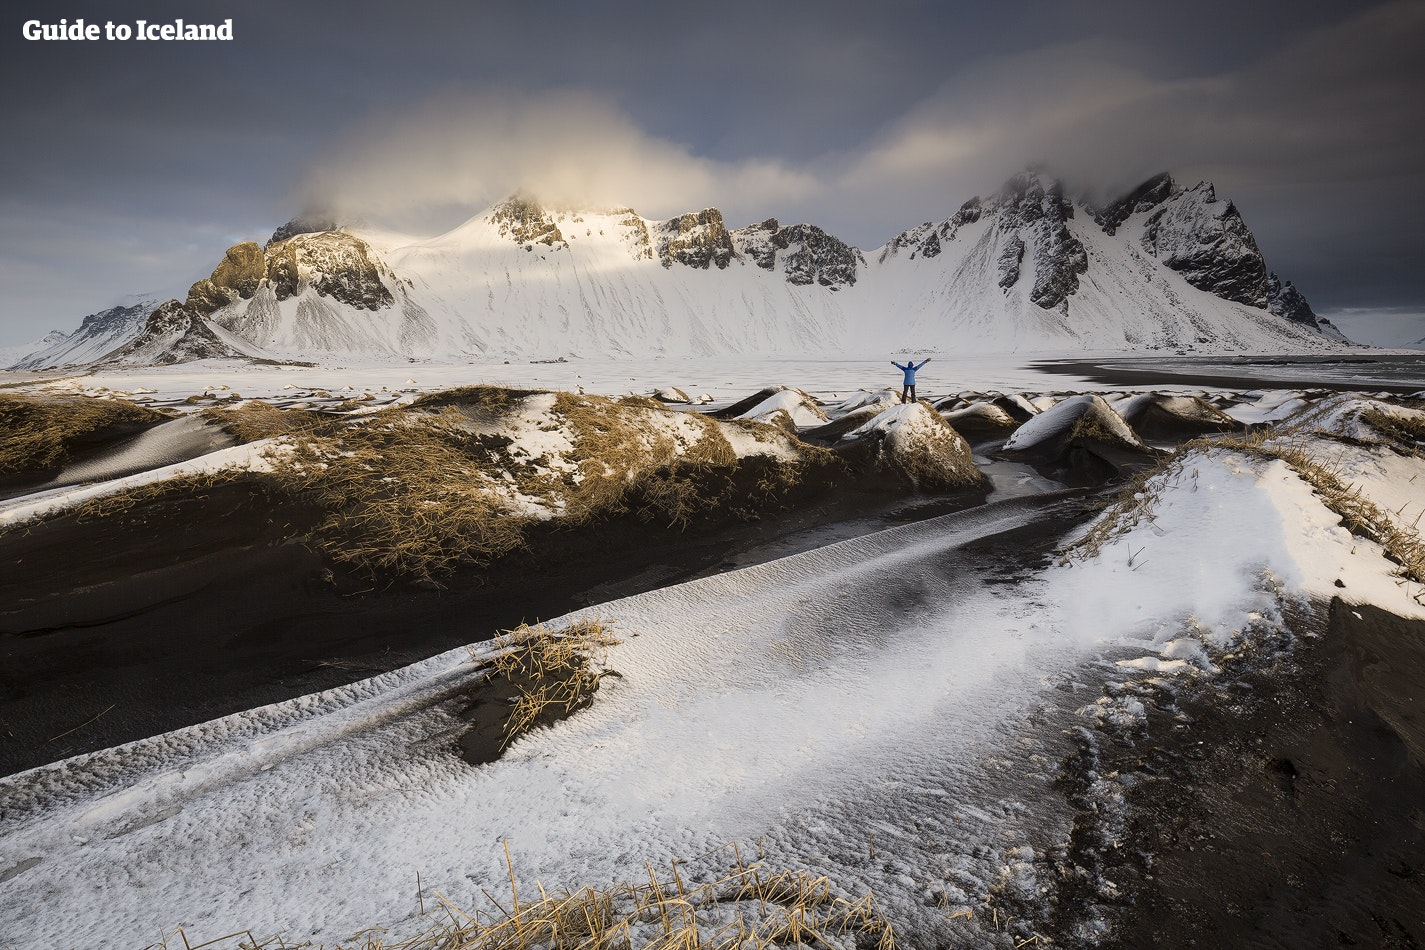 Vestrahorn, ett av östra Islands mest dramatiska bergslandskap.